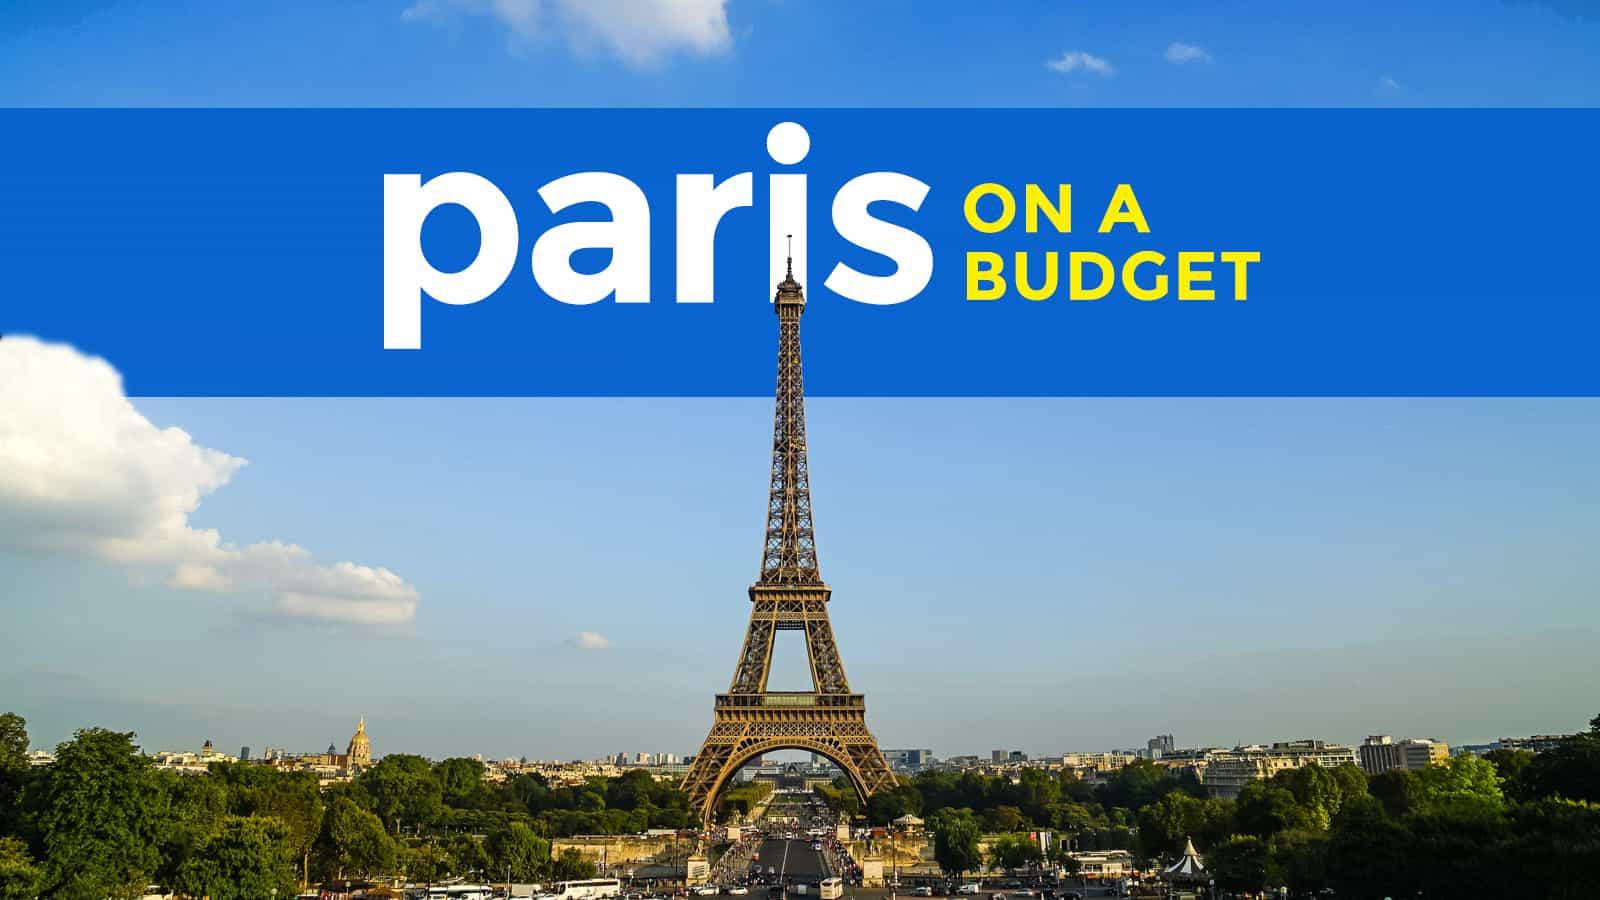 预算中的巴黎。旅行指南和行程安排 | 穷游者行程安排博客